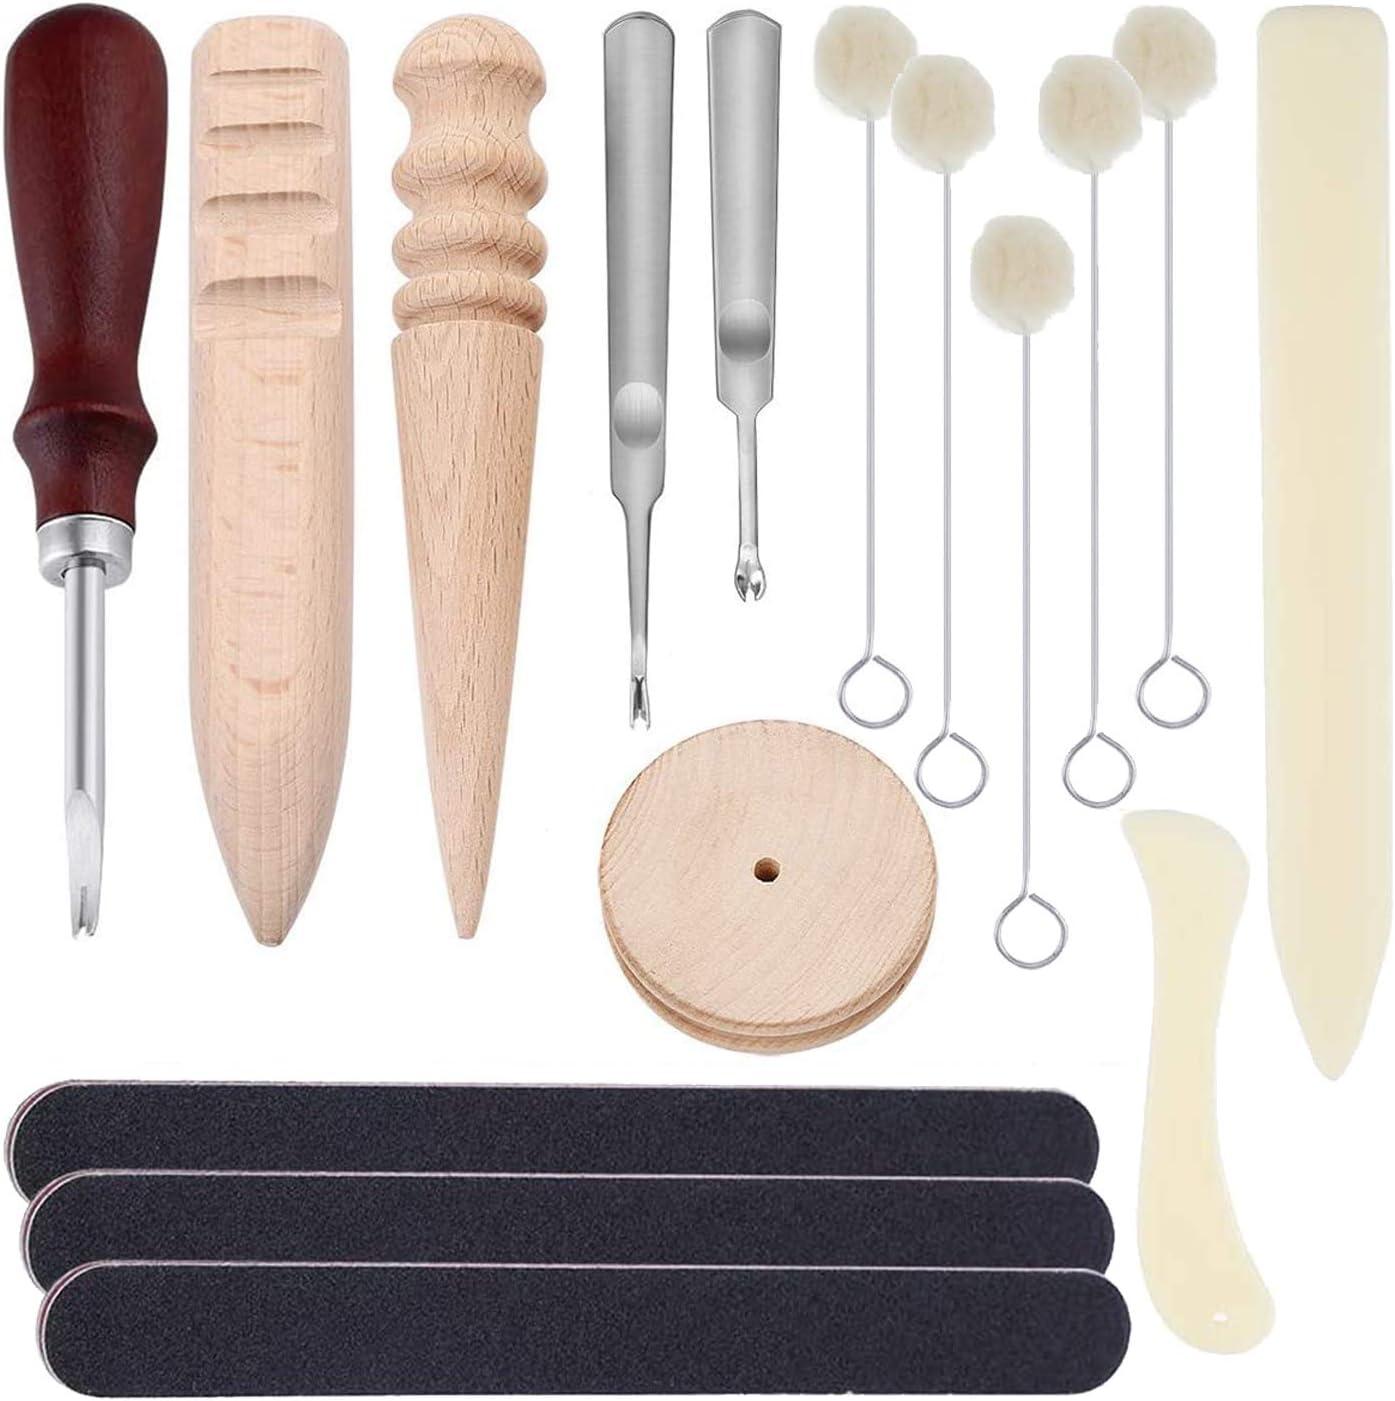 Pulidora pulidora de bordes 16 Pcs Herramienta de artesan/ía de cuero Kit de Bricolaje Biseladora de filo de borde Daubers de lana